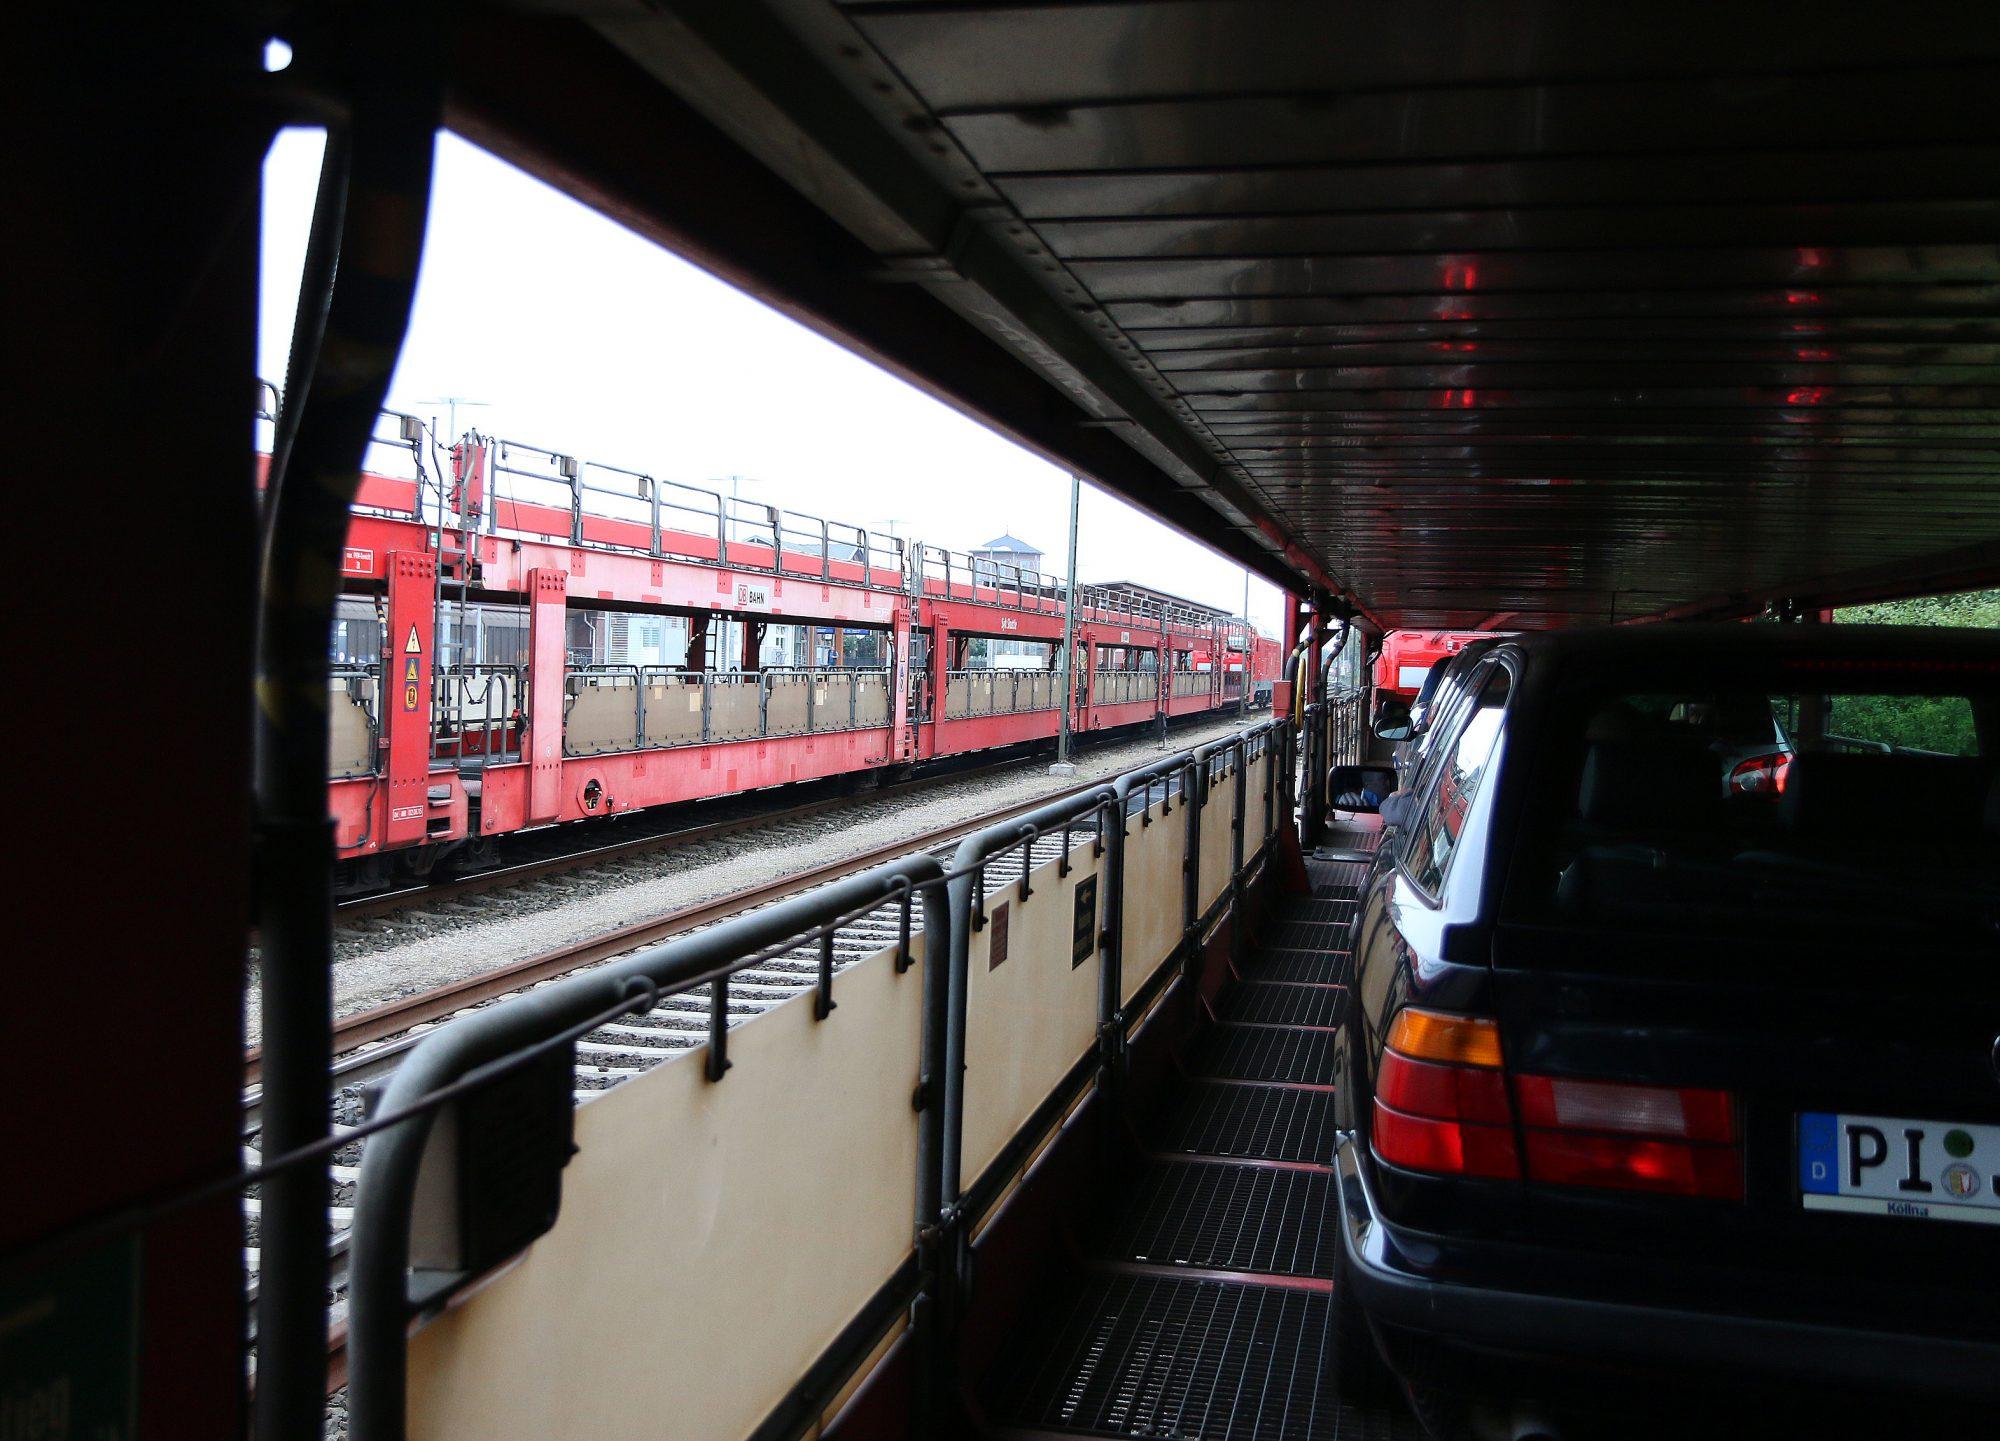 Bilen på toget: Fra Niebüll i Tyskland kjører du bilen på toget som tar deg over til Westerland på Sylt og Rømø. Foto: Flemming Hofmann Tveitan/Fjord Line